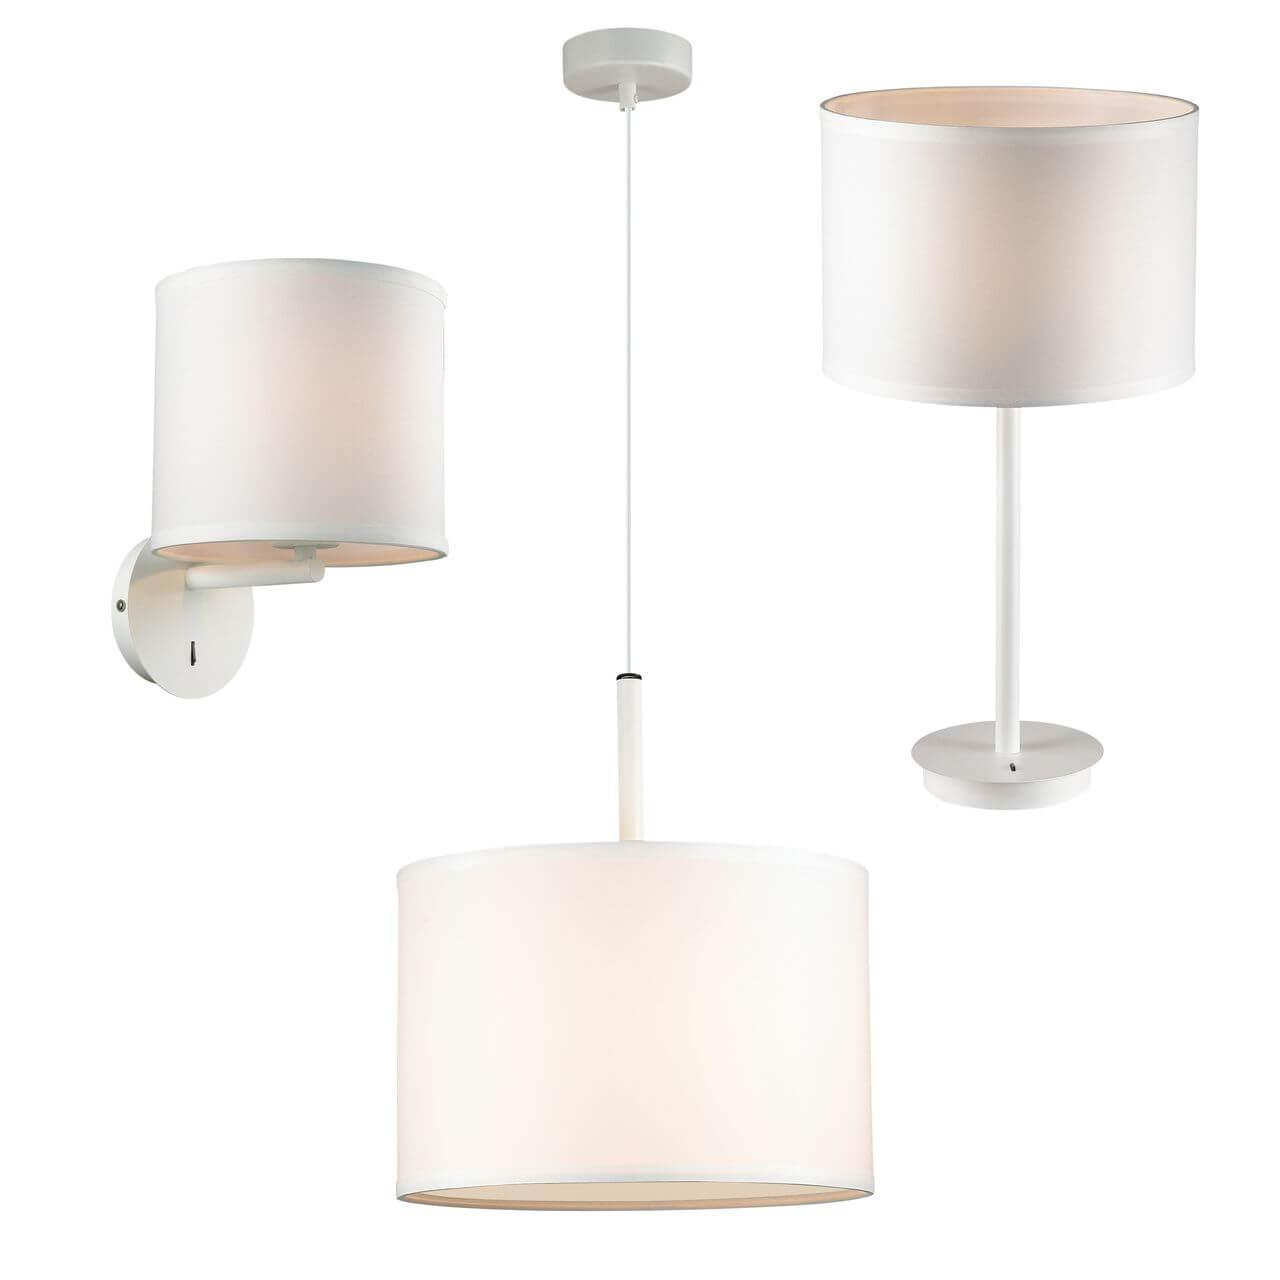 Подвесной светильник, настольная лампа, бра Favourite Trio-Set 2124-SET trio подвесной светильник trio 309000502